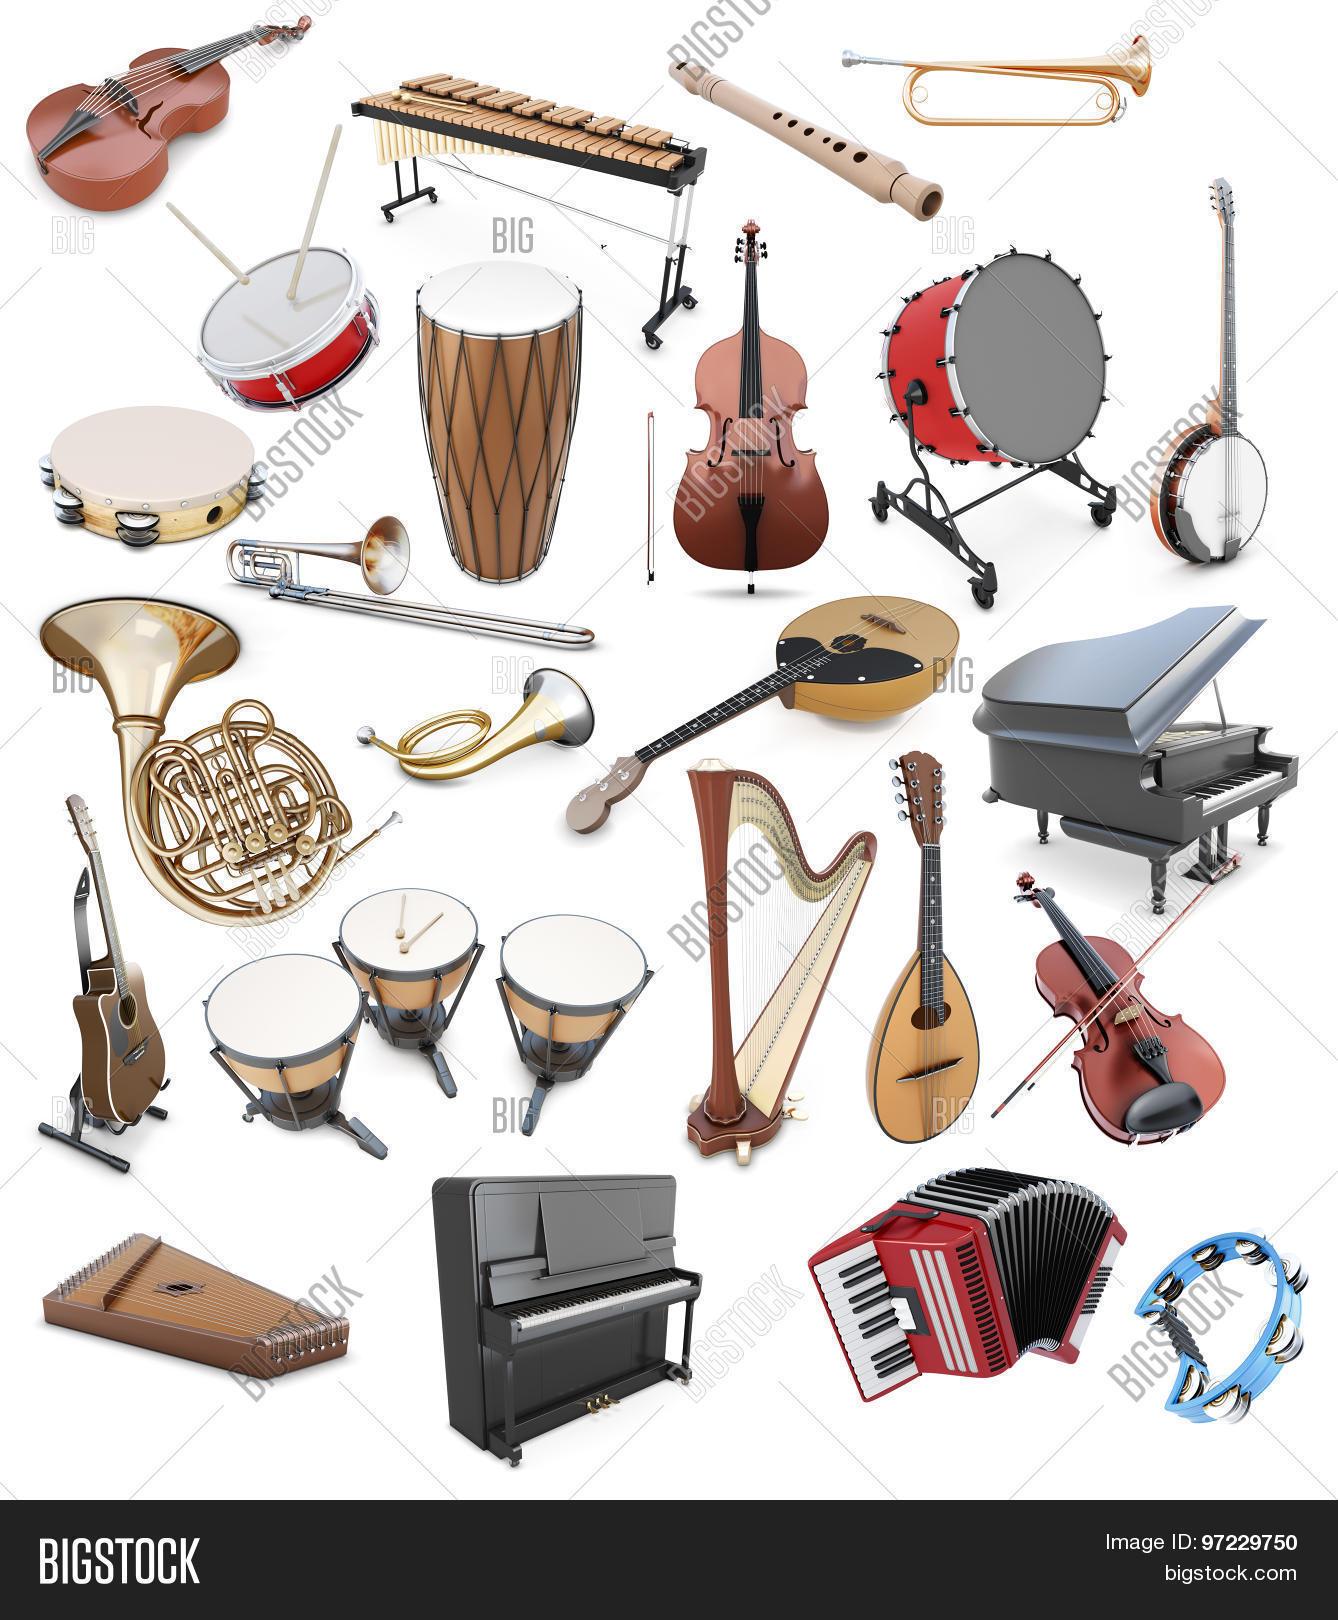 Set Musical Instruments On White Image Amp Photo